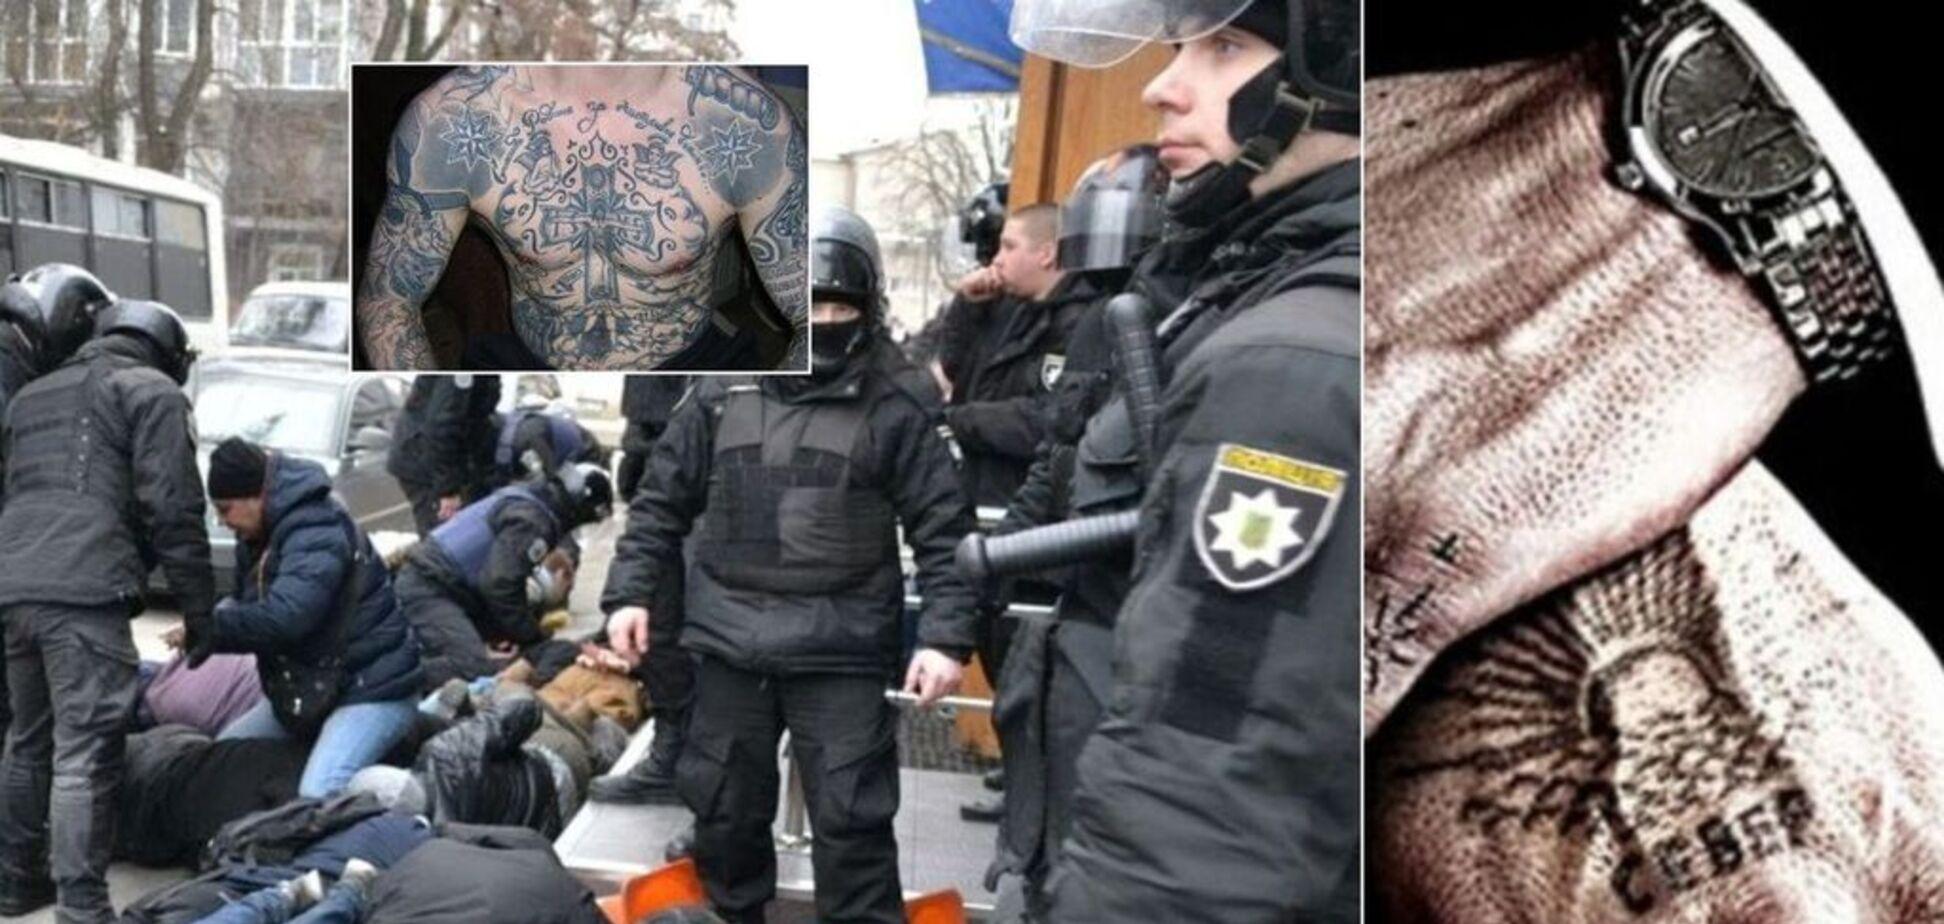 Под контролем ФСБ: 'авторитеты' безнаказанно 'кошмарят' Украину